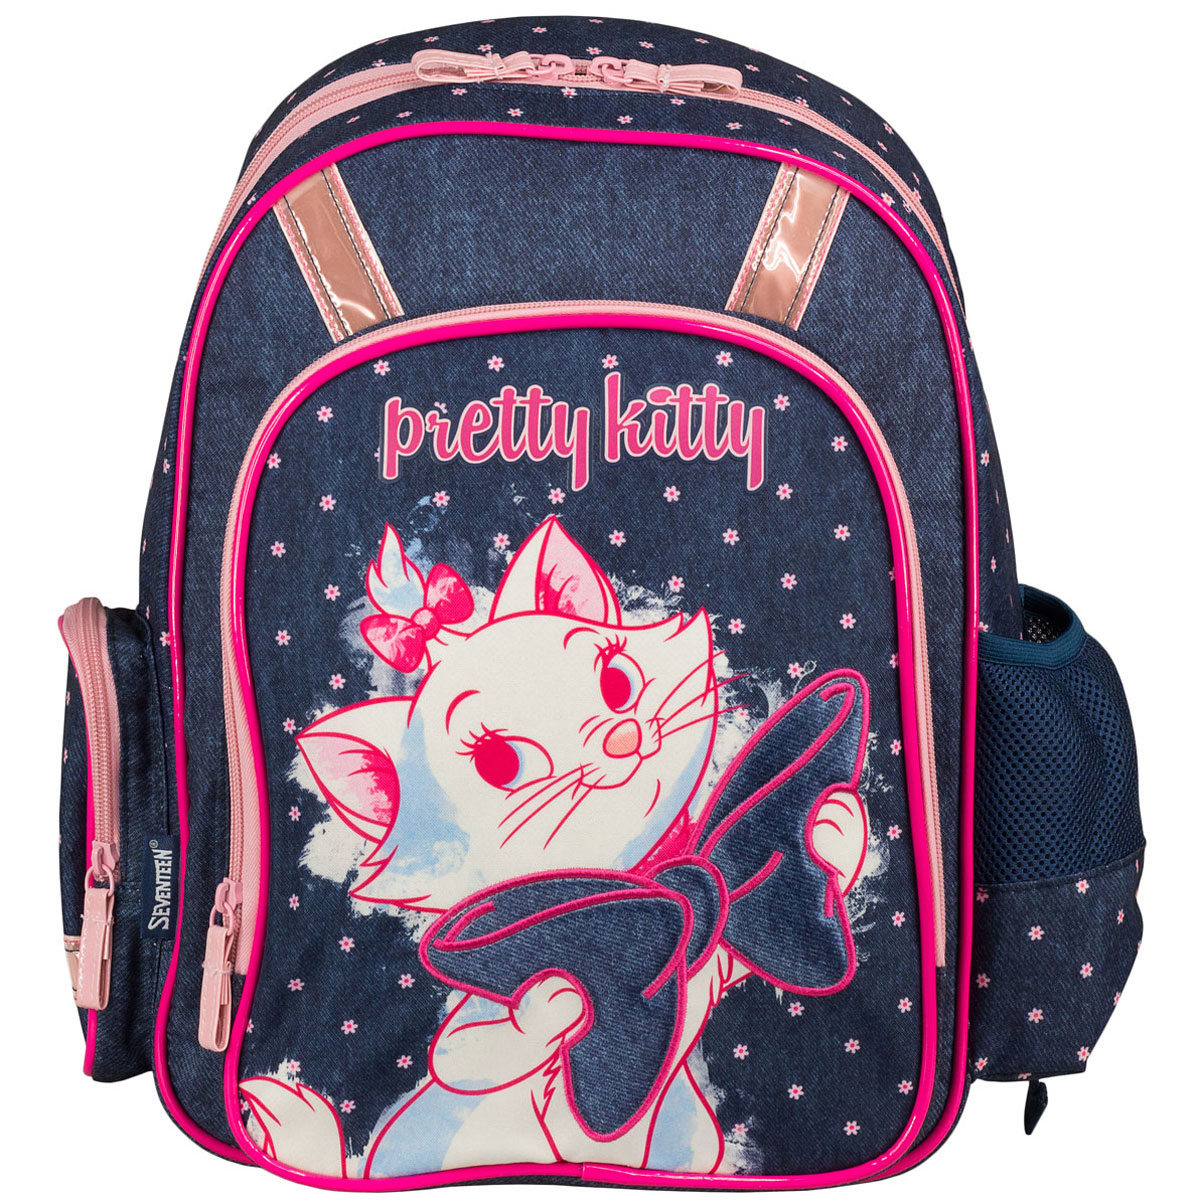 Рюкзак школьный Marie Cat, цвет: темно-синий, розовый. MCCB-UT1-83672523WDСтильный школьный рюкзак Marie Cat обязательно понравится вашей школьнице. Выполнен из прочных и высококачественных материалов, дополнен изображением милой кошечки с бантиком.Содержит одно вместительное отделение, закрывающееся на застежку-молнию с двумя бегунками. Внутри отделения находятся две перегородки для тетрадей или учебников, а также открытый карман-сетка. Дно рюкзака можно сделатьжестким, разложив специальную панель с пластиковой вставкой, что повышает сохранность содержимого рюкзака и способствует правильному распределению нагрузки. Лицевая сторона оснащена накладным карманом на молнии. По бокам расположены два накладных кармана: на застежке-молнии и открытый, стянутый сверху резинкой. Специально разработанная архитектура спинки со стабилизирующими набивными элементами повторяет естественный изгиб позвоночника. Набивные элементы обеспечивают вентиляцию спины ребенка. Плечевые лямки анатомической формы равномерно распределяют нагрузку на плечевую и воротниковую зоны. Конструкция пряжки лямок позволяет отрегулировать рюкзак по фигуре. Рюкзак оснащен эргономичной ручкой для удобной переноски в руке. Светоотражающие элементы обеспечивают безопасность в темное время суток.Многофункциональный школьный рюкзак станет незаменимым спутником вашего ребенка в походах за знаниями.Вес рюкзака без наполнения: 700 г.Рекомендуемый возраст: от 7 лет.